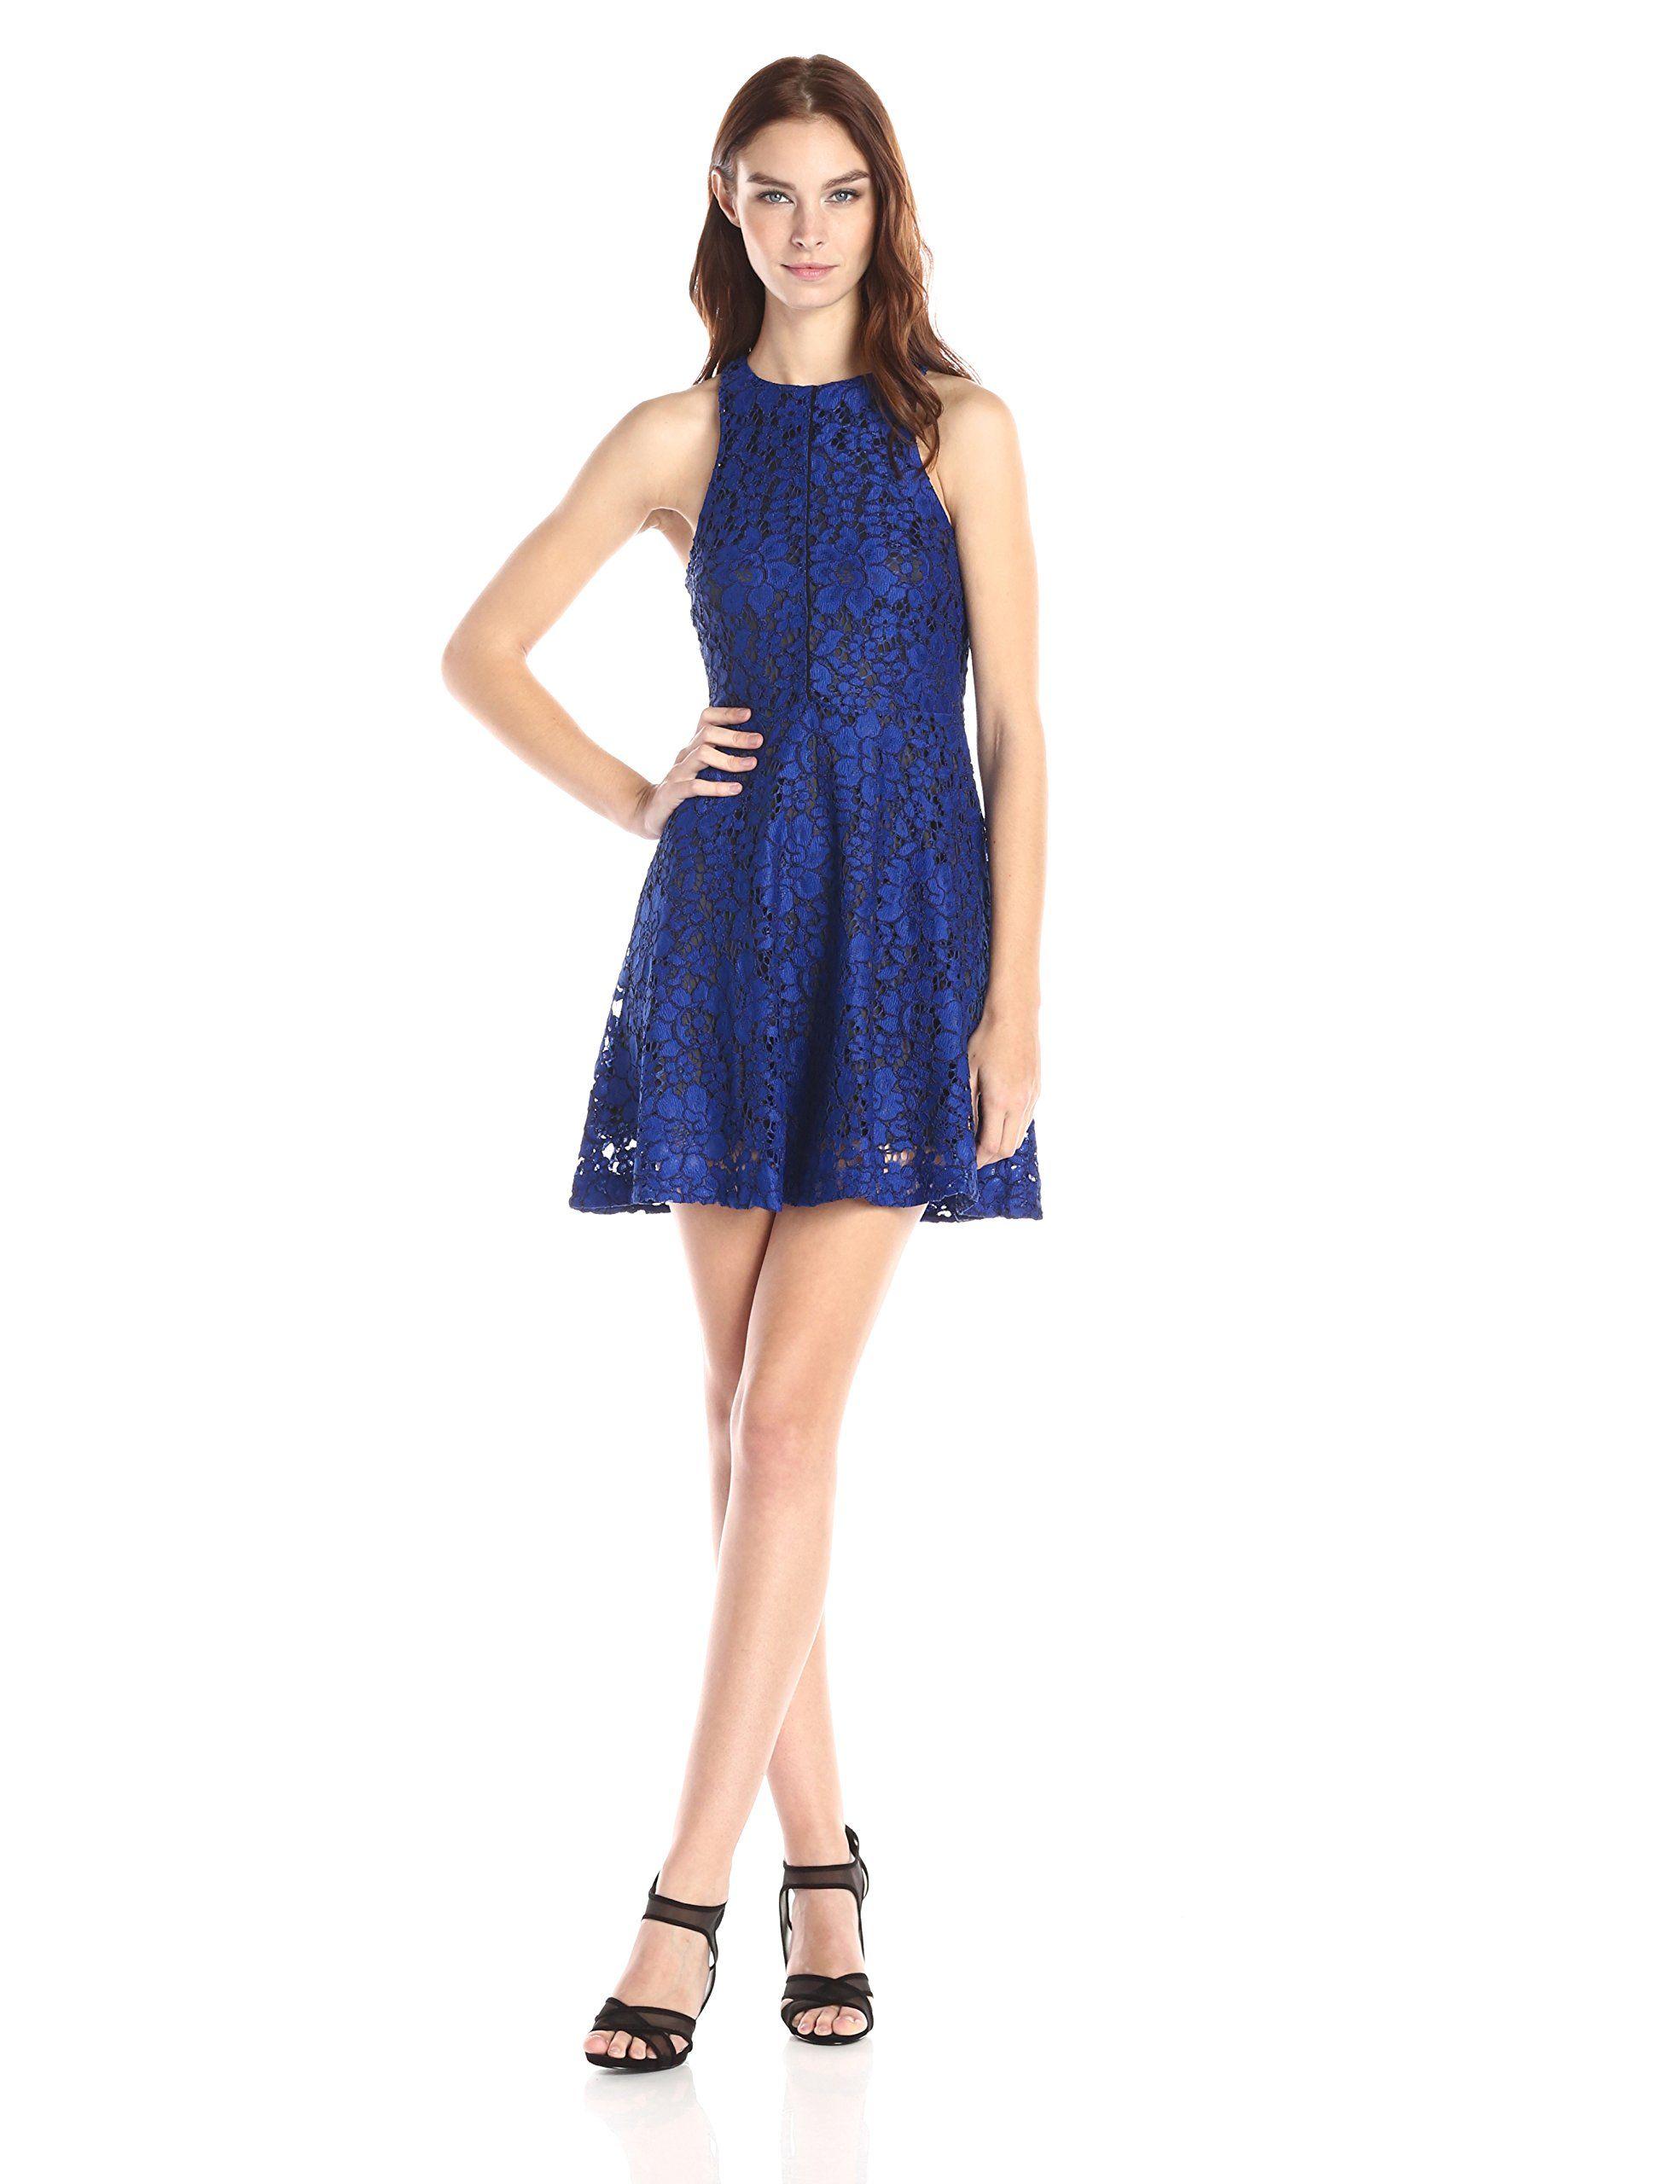 Lace dress royal blue  Townsen Womenus Parson Lace Fit and Flare Dress Royal Blue  Blue